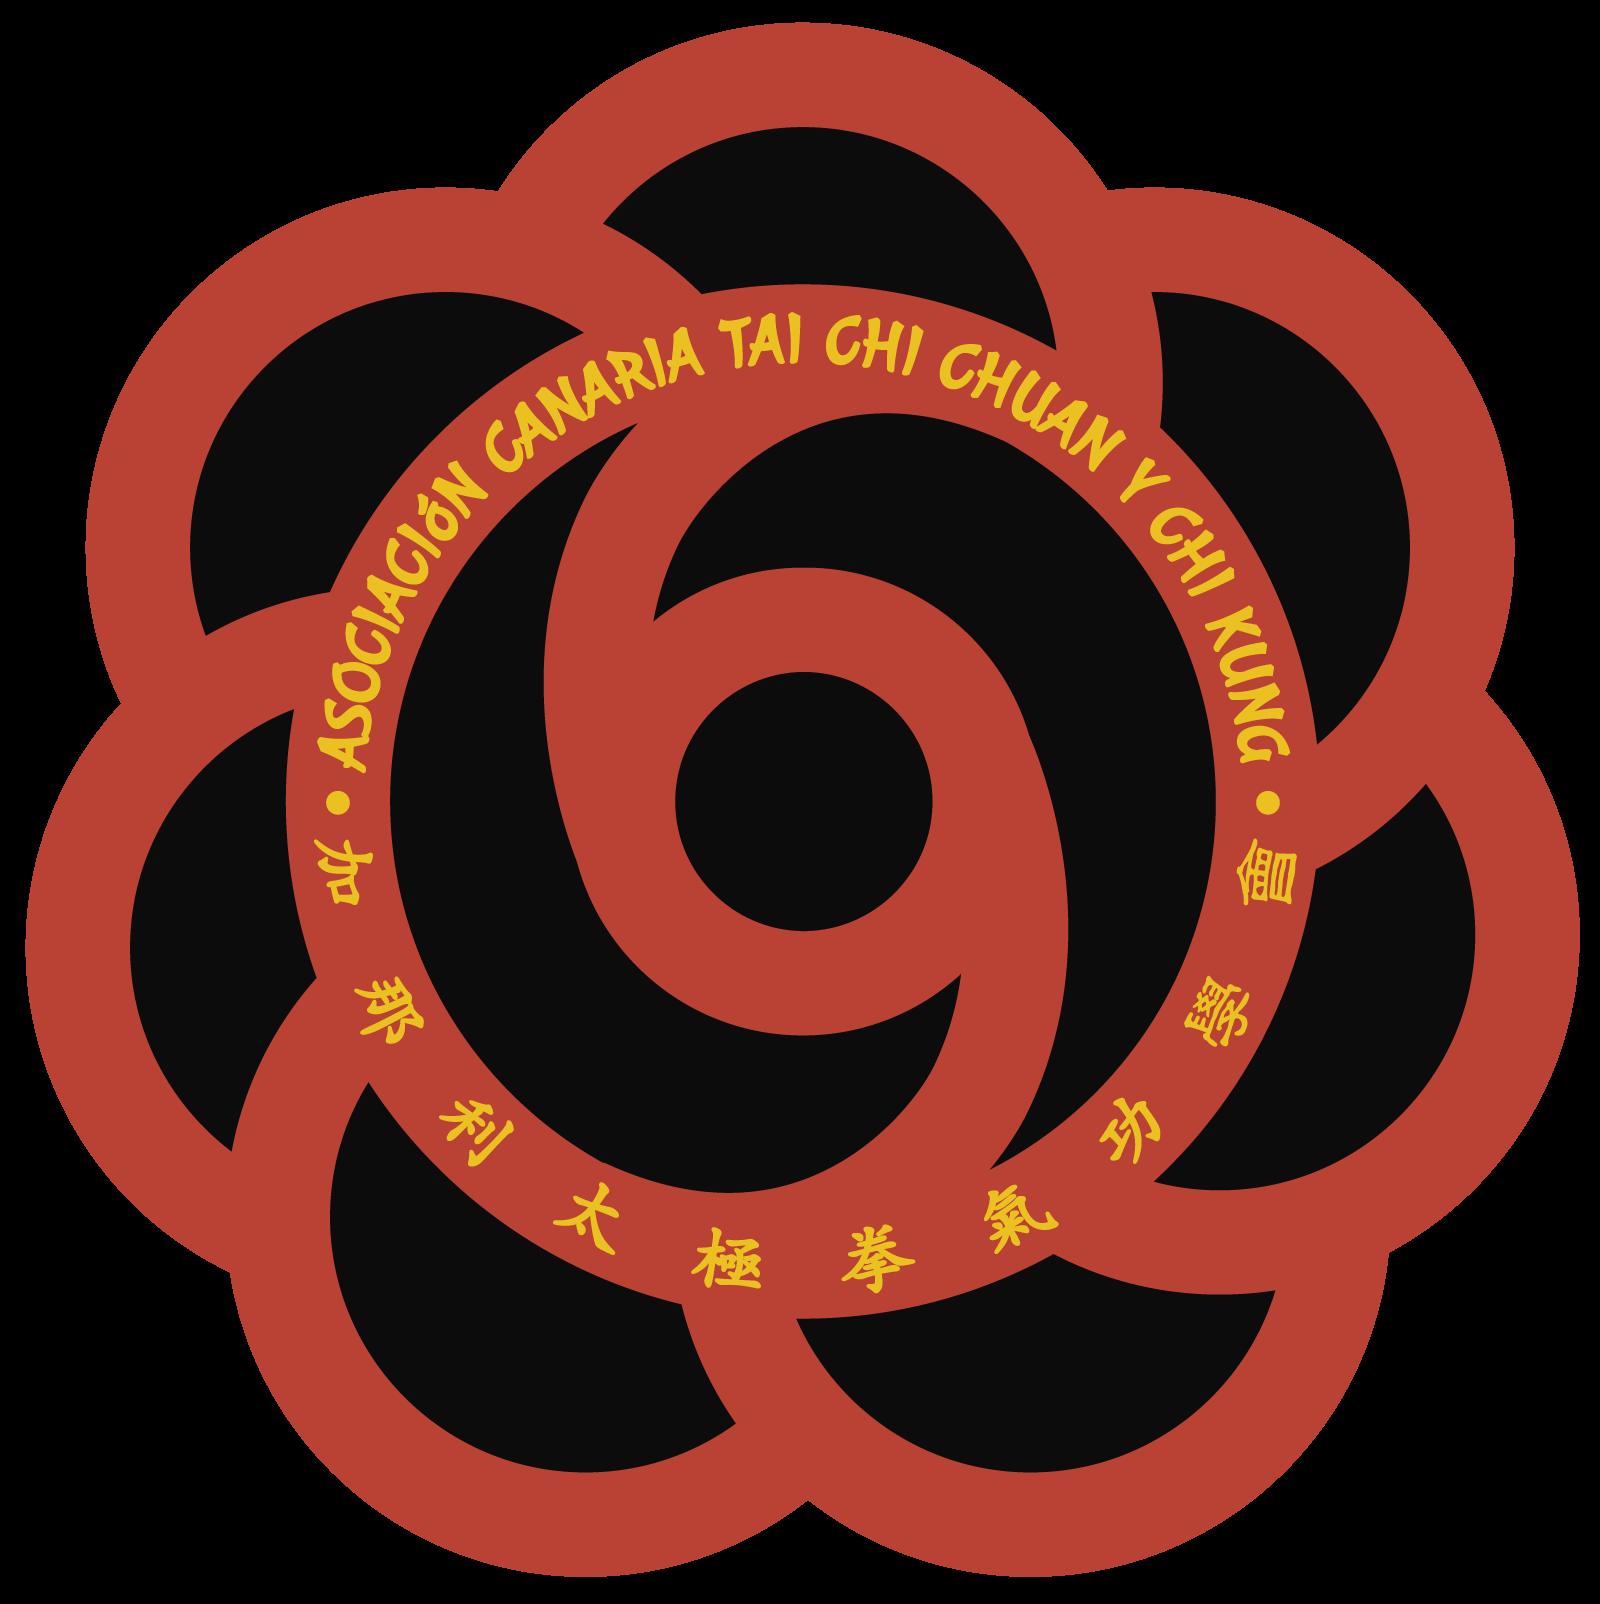 Asociación Canaria Taichichuan - Chi Kung